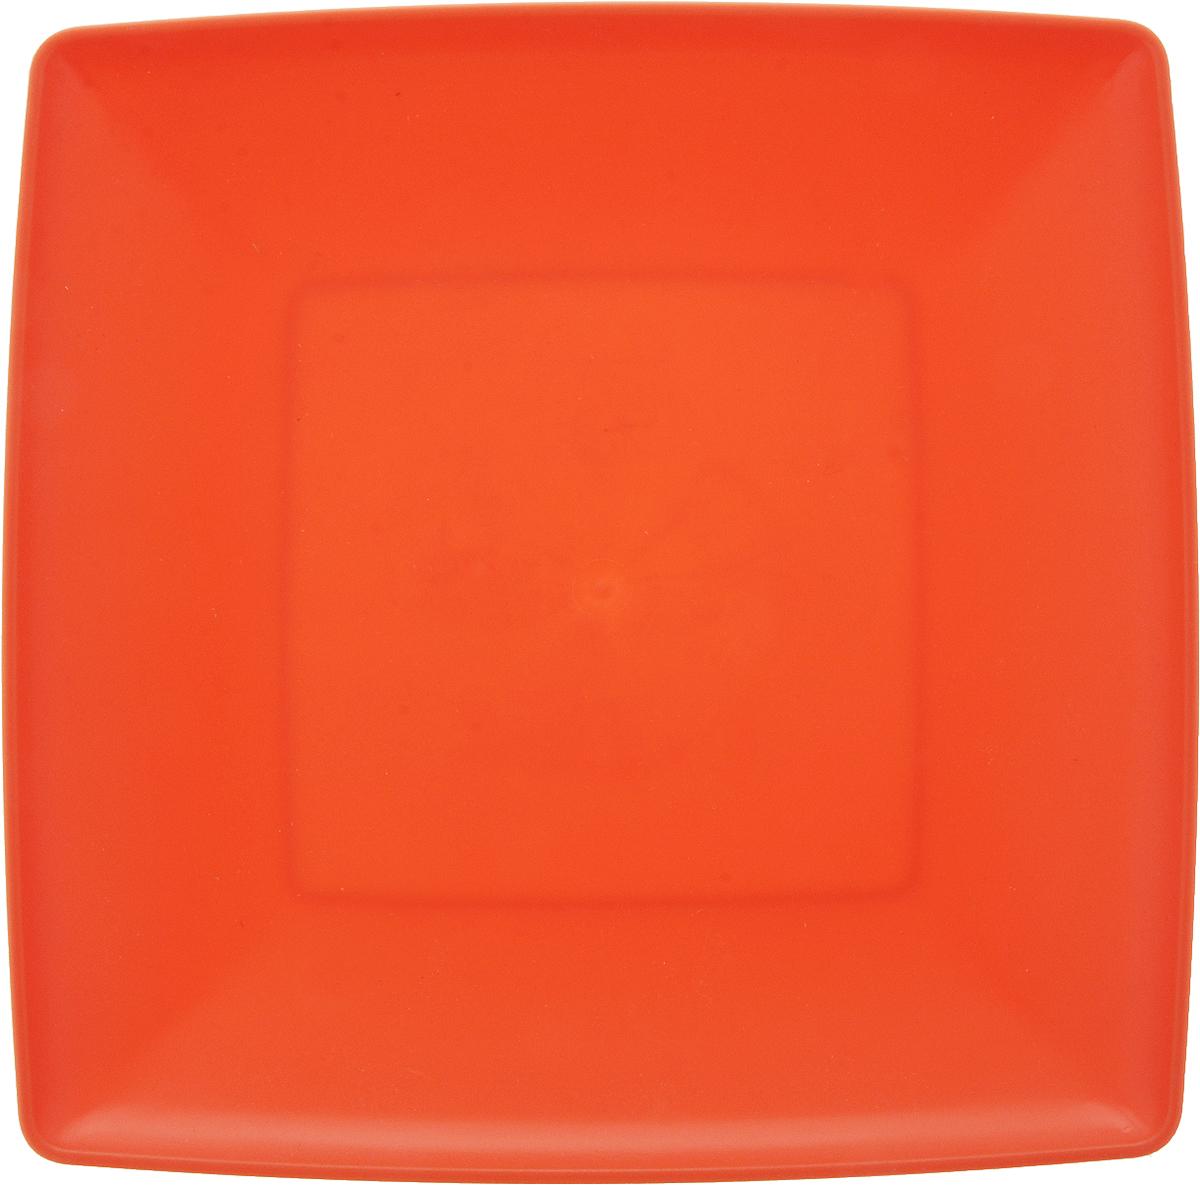 Тарелка Gotoff, цвет: оранжевый, 19 х 19 смWTC-631_оранжевыйКвадратная тарелка Gotoff выполнена из прочного пищевого полипропилена. Изделие отлично подойдет как для холодных, так и для горячих блюд. Его удобно использовать дома или на даче, брать с собой на пикники и в поездки. Отличный вариант для детских праздников. Такая тарелка не разобьется и будет служить вам долгое время.Можно использовать в СВЧ, ставить в морозилку при температуре -25°С и мыть в посудомоечной машине при температуре +95°С.